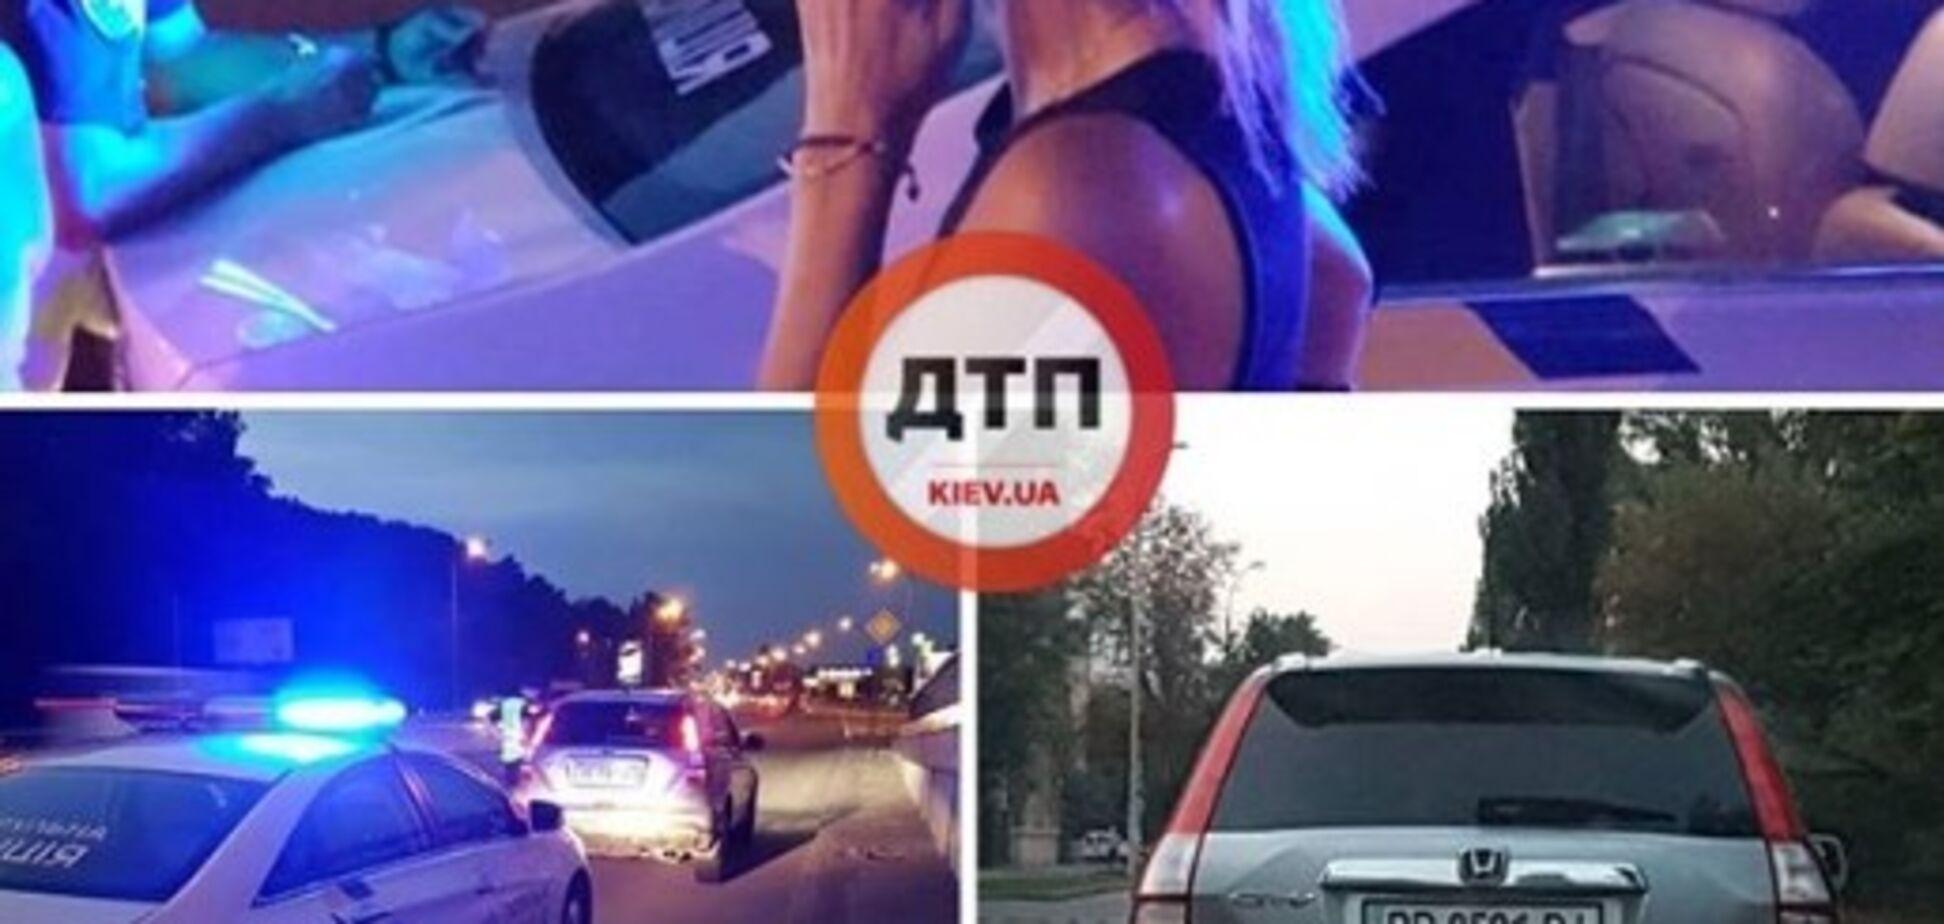 Намагалася 'повирішувати': у Києві за кермом зловили п'яну дівчину, мережа кипить